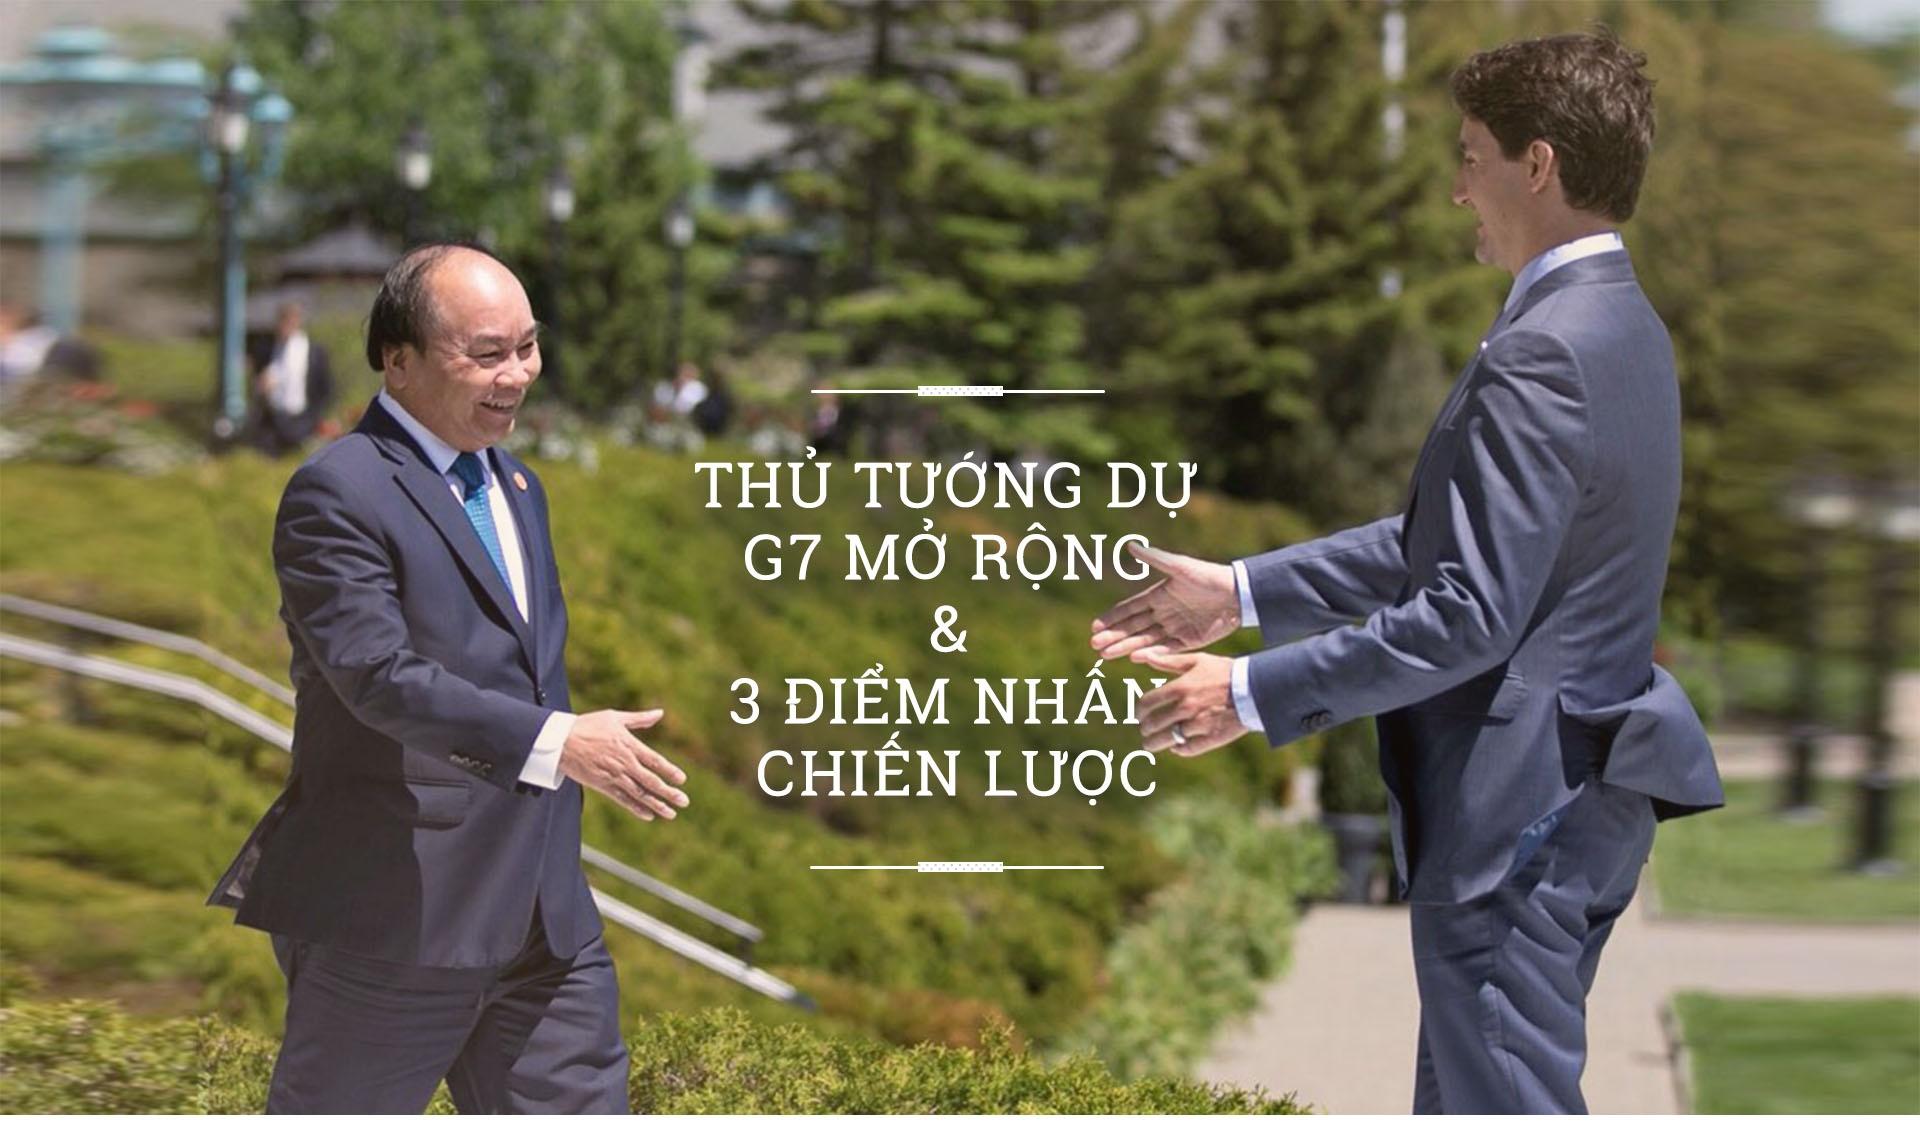 Thu tuong du G7 mo rong va 3 diem nhan chien luoc hinh anh 2